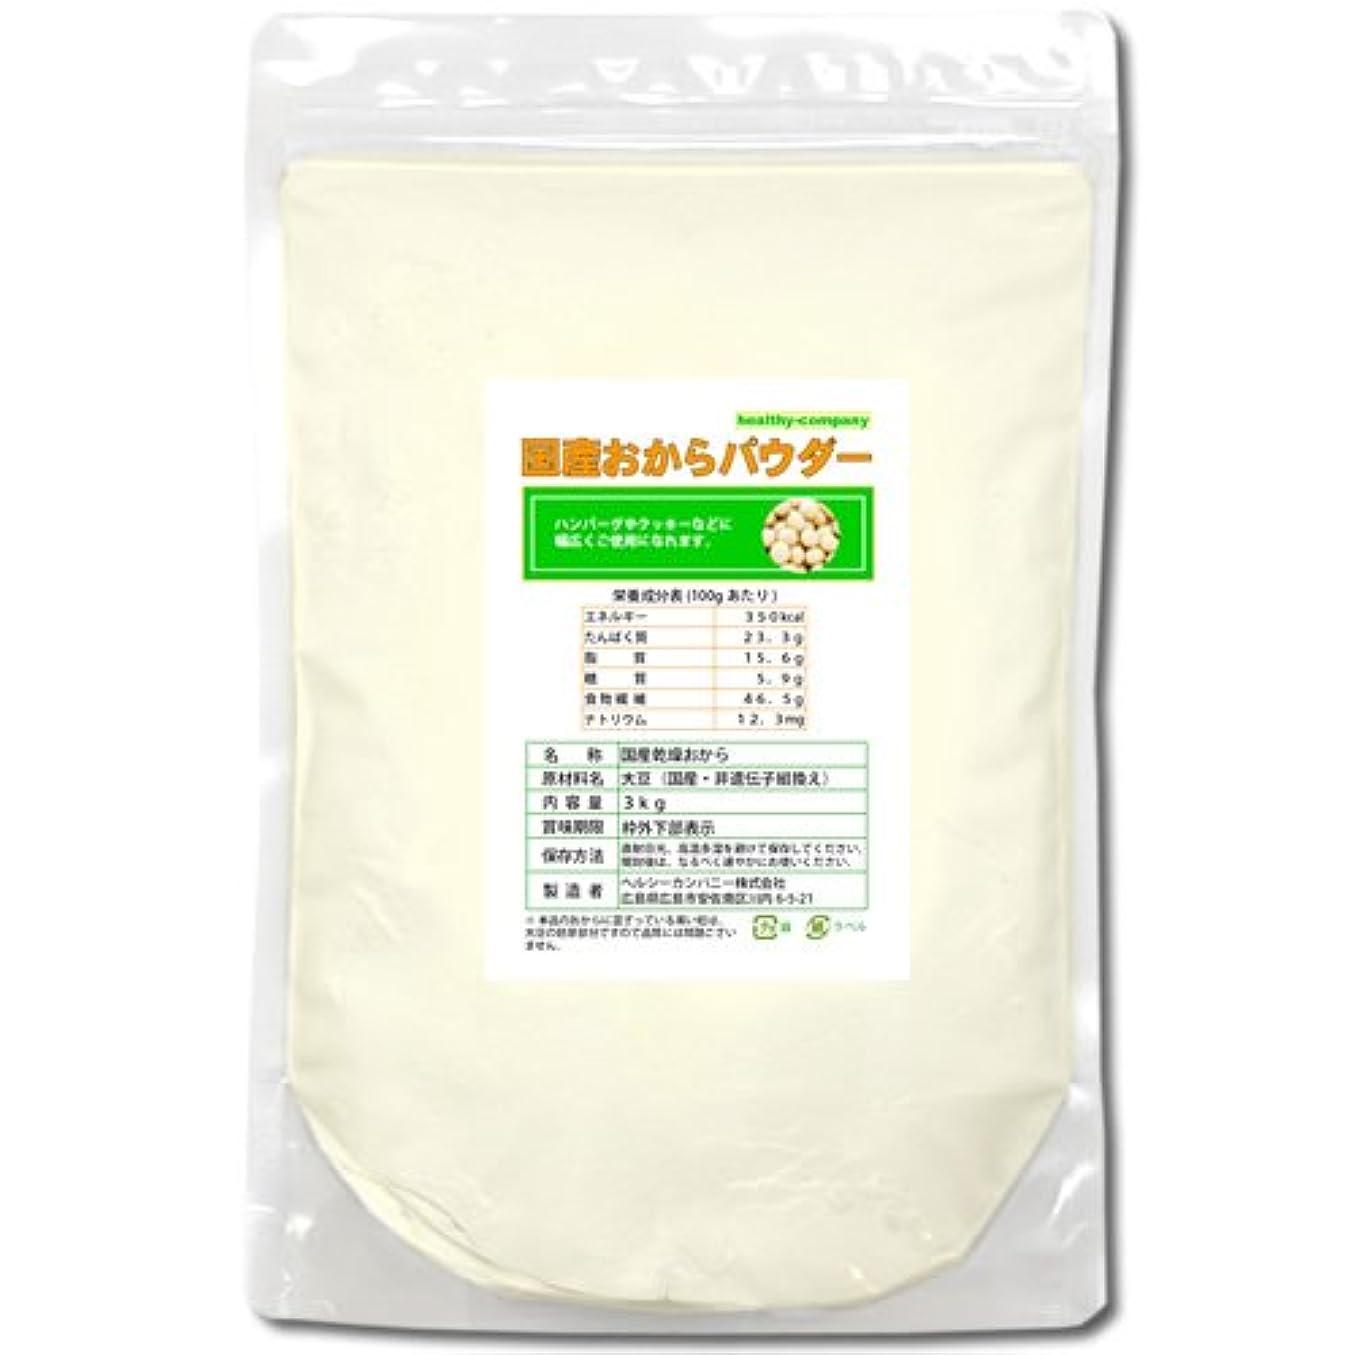 もちろん鳴り響くスポンサー国産大豆100%おからパウダー3kg(乾燥 粉末 ヘルシーカンパニー)